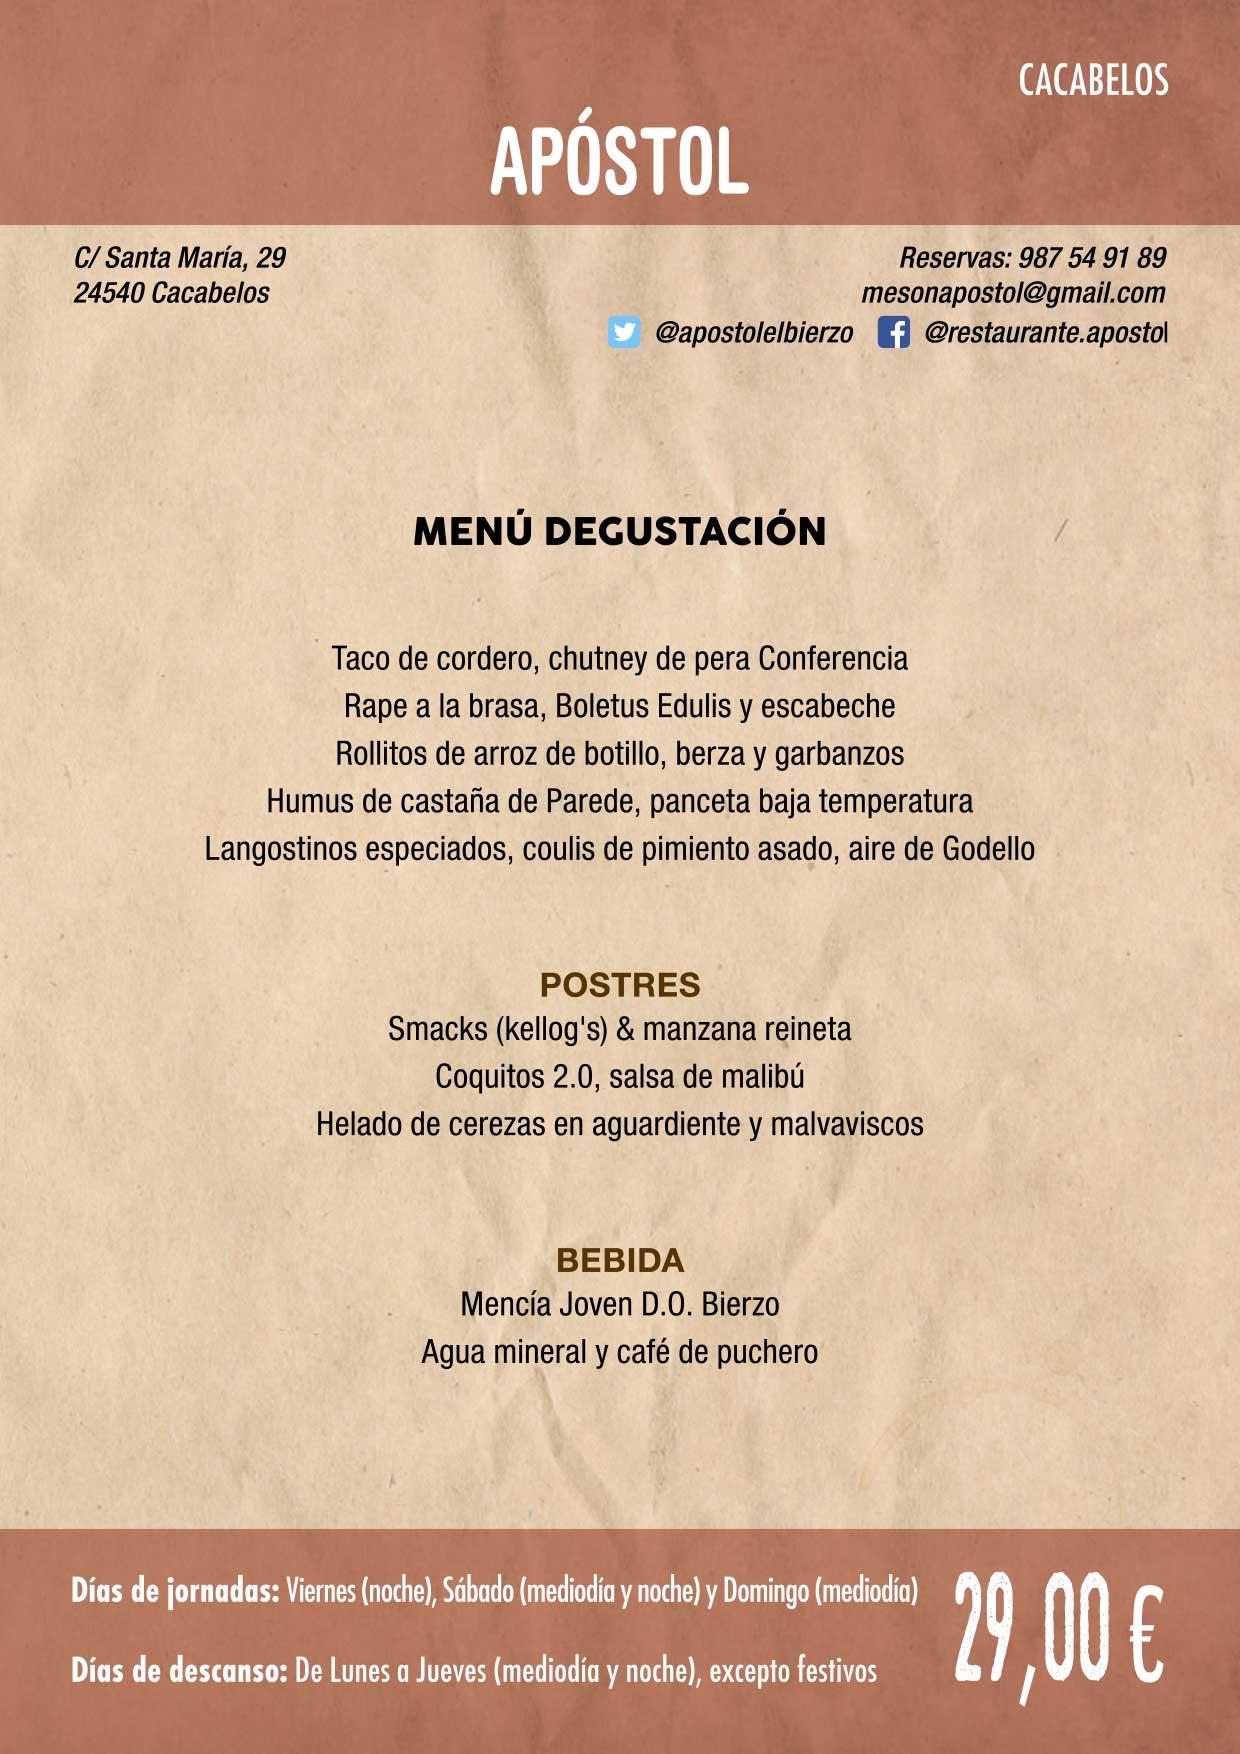 XXXVI Jornadas Gastronómicas De El Bierzo 2020. Consulta los restaurantes y menús 3